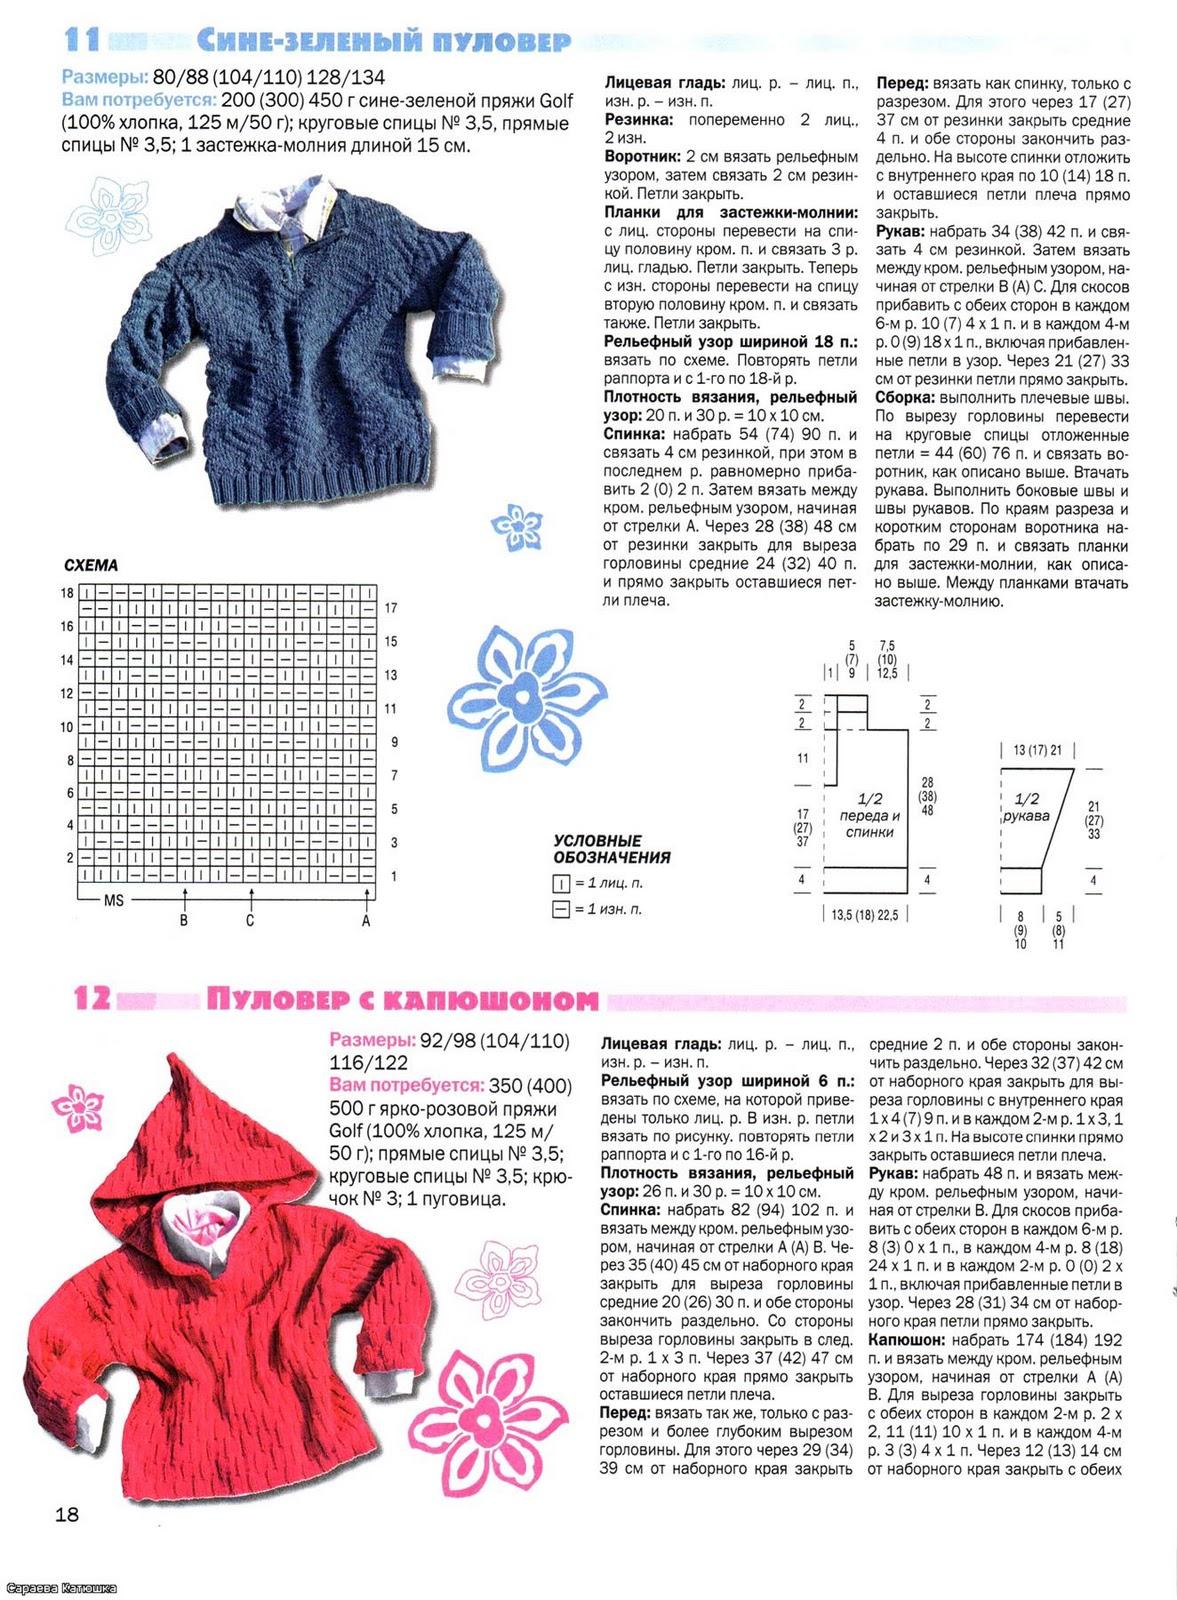 Вязаные кофты для мальчиков схемы описание